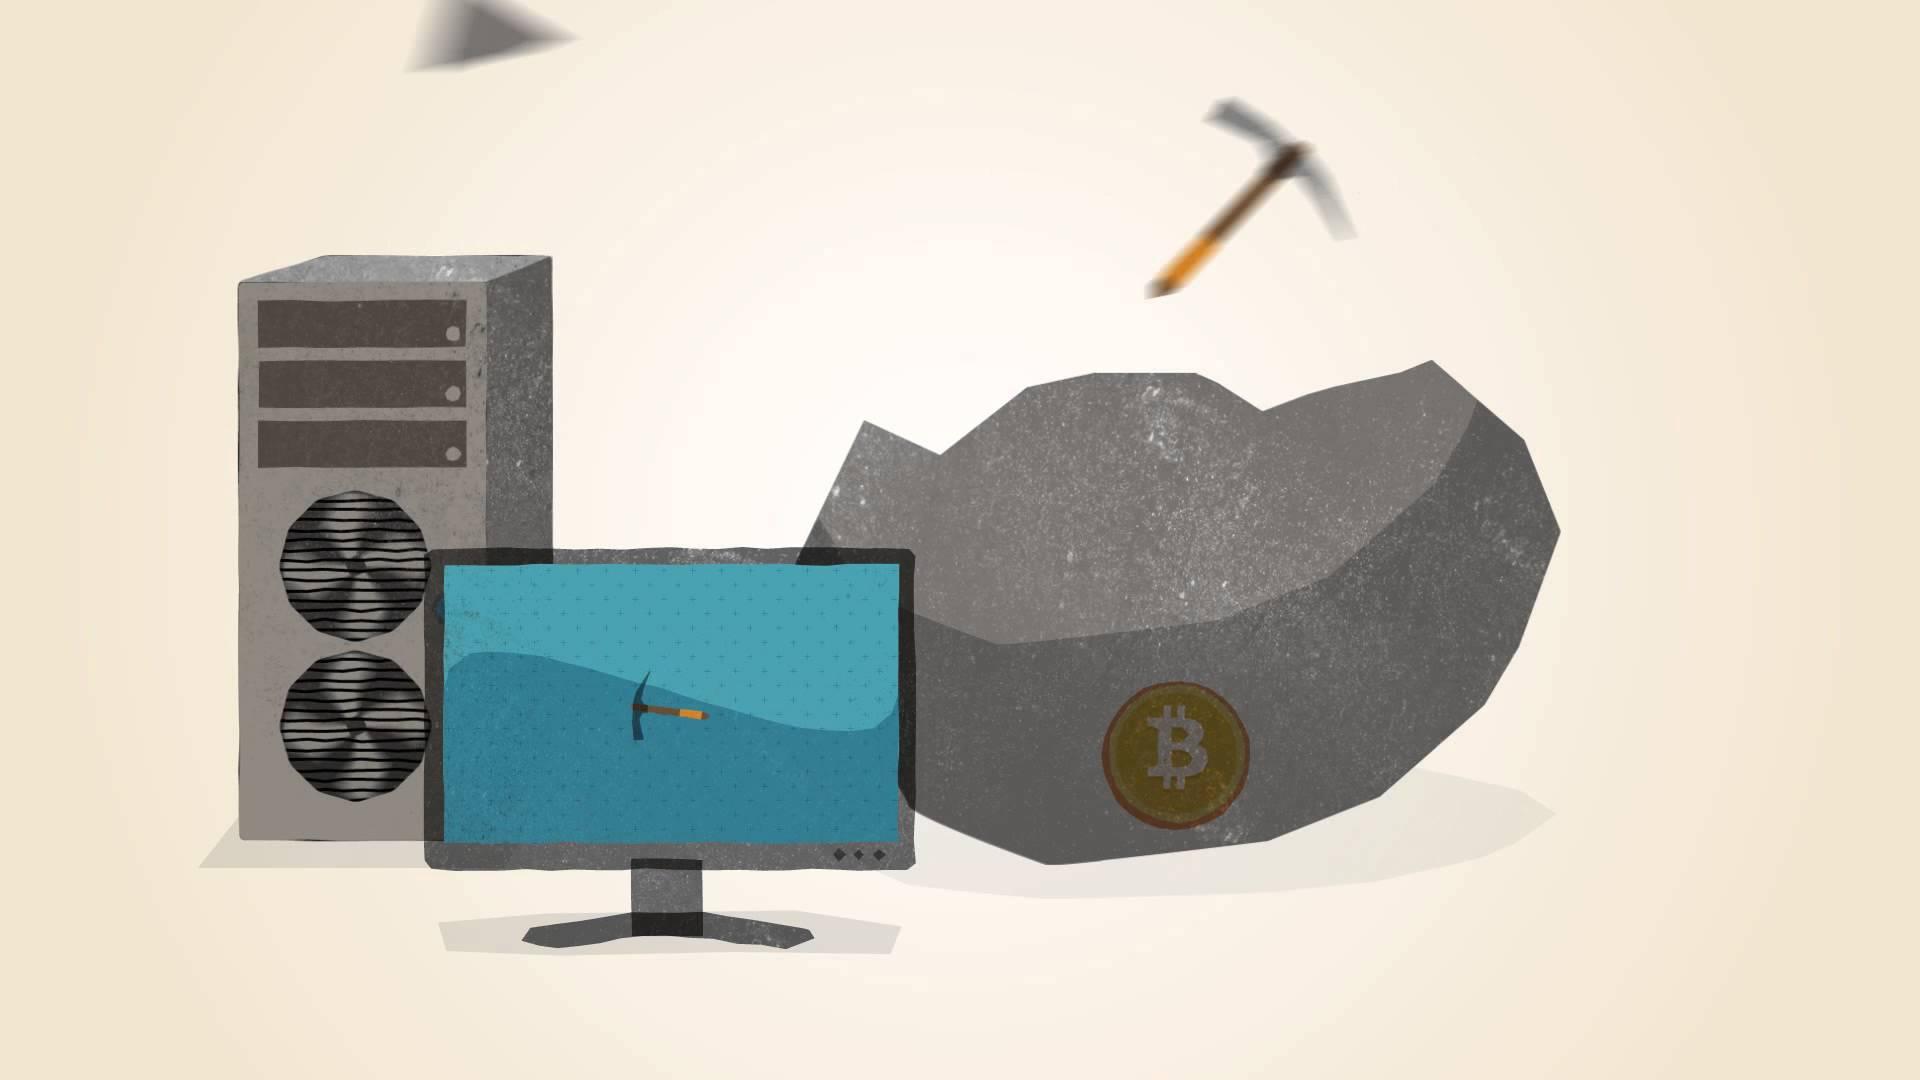 Bitcoin Madenciliği Nedir? Bitcoin Nasıl Üretilir?